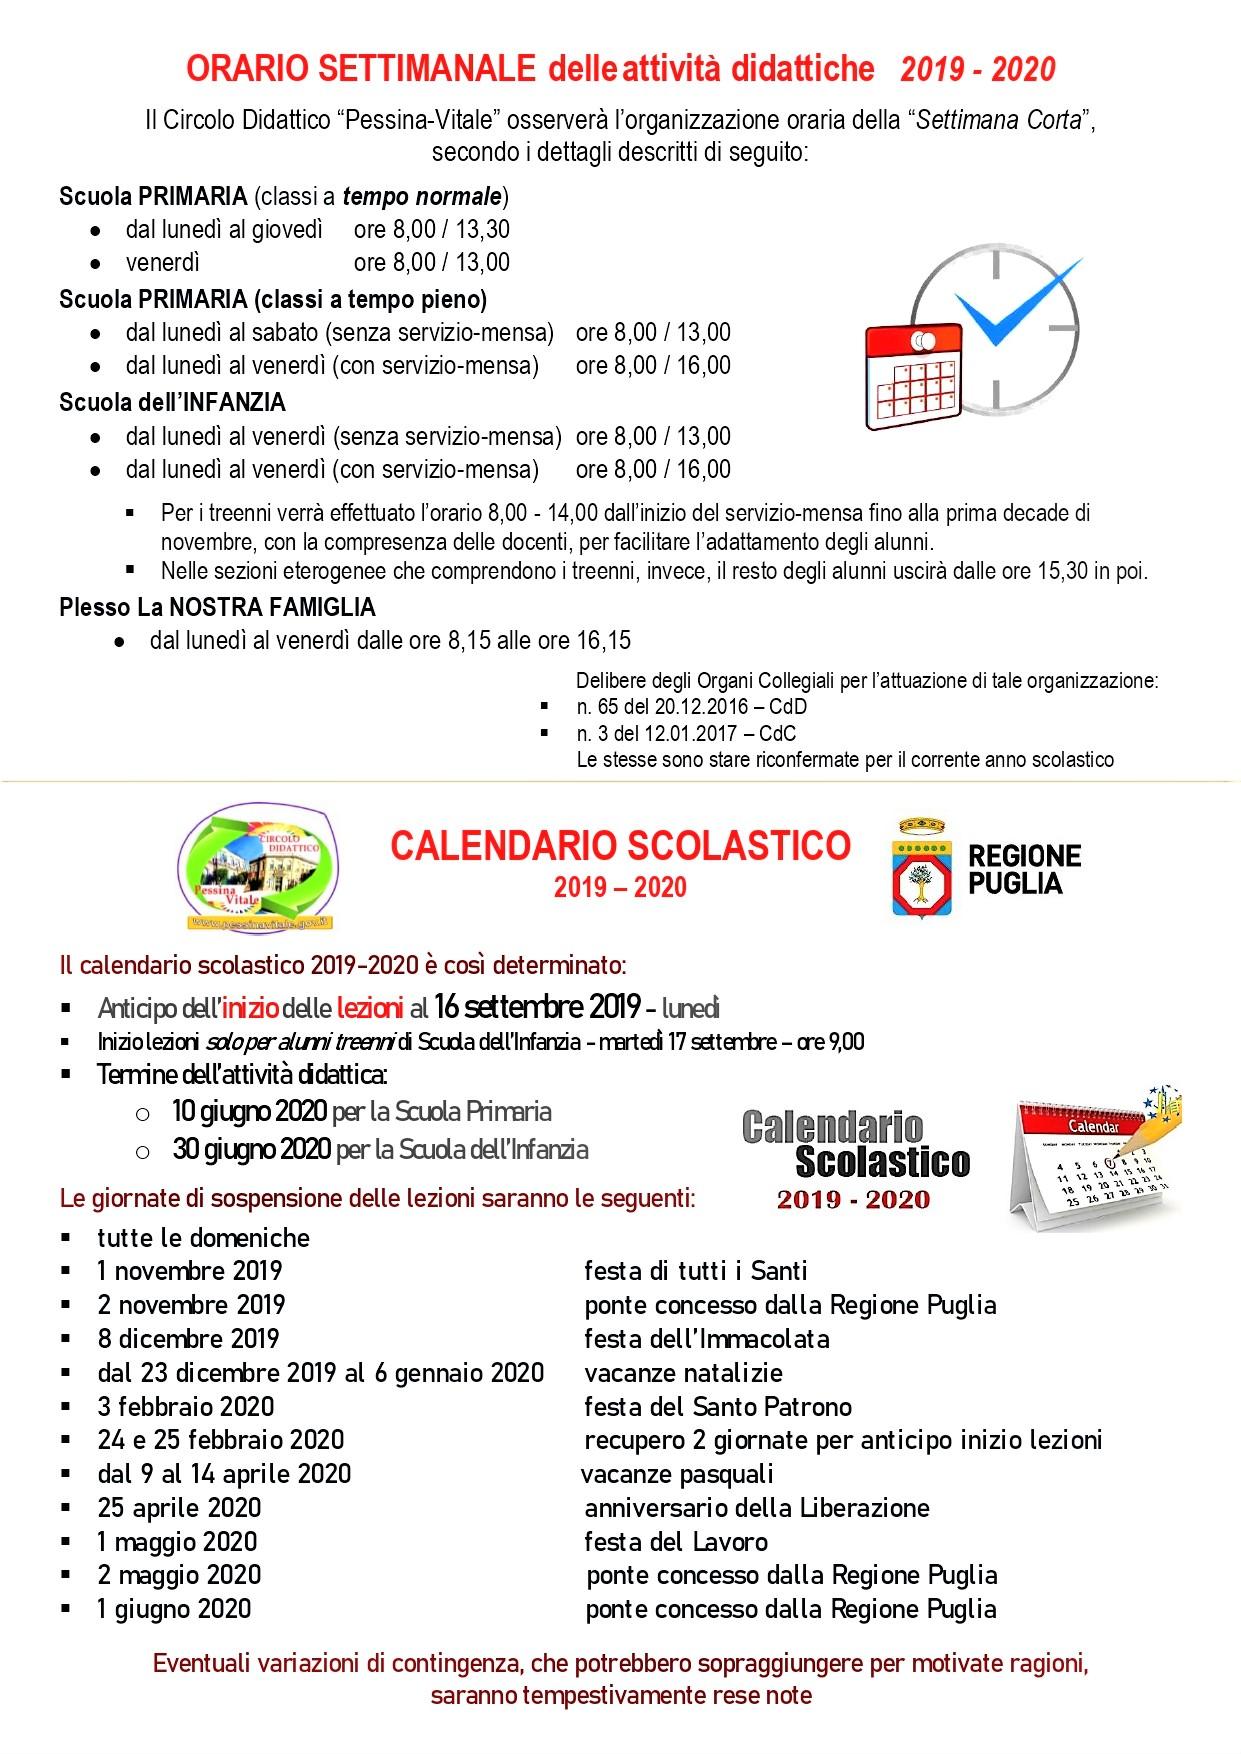 Calendario Scolastico 2020 18 Puglia.Circolo Didattico Pessina Vitale